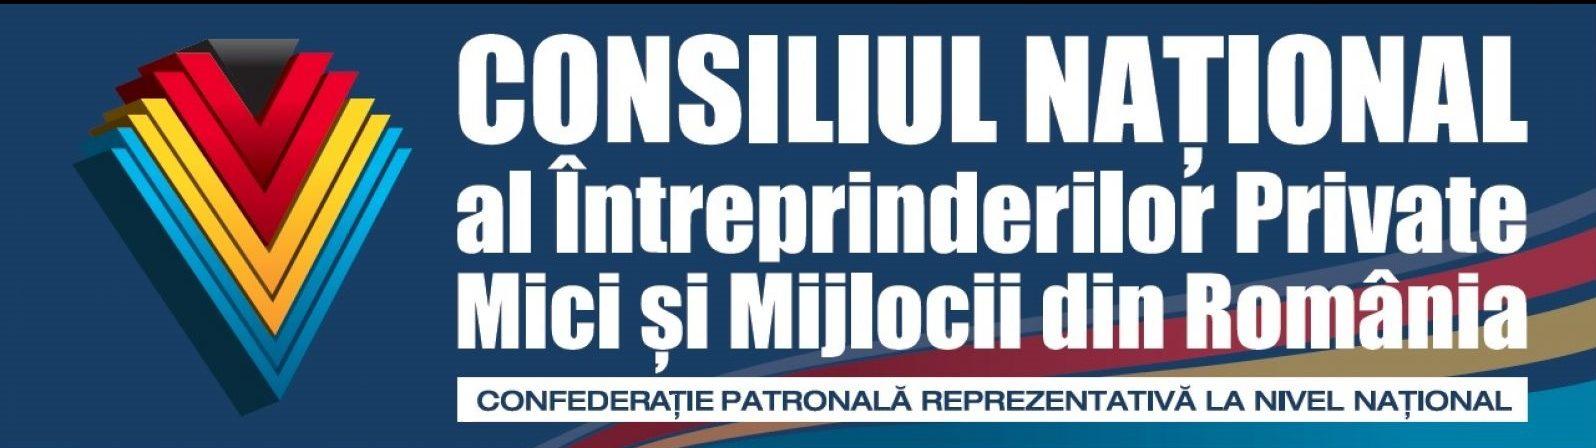 Consiliul National al Intreprinderilor Private Mici si Mijlocii din Romania